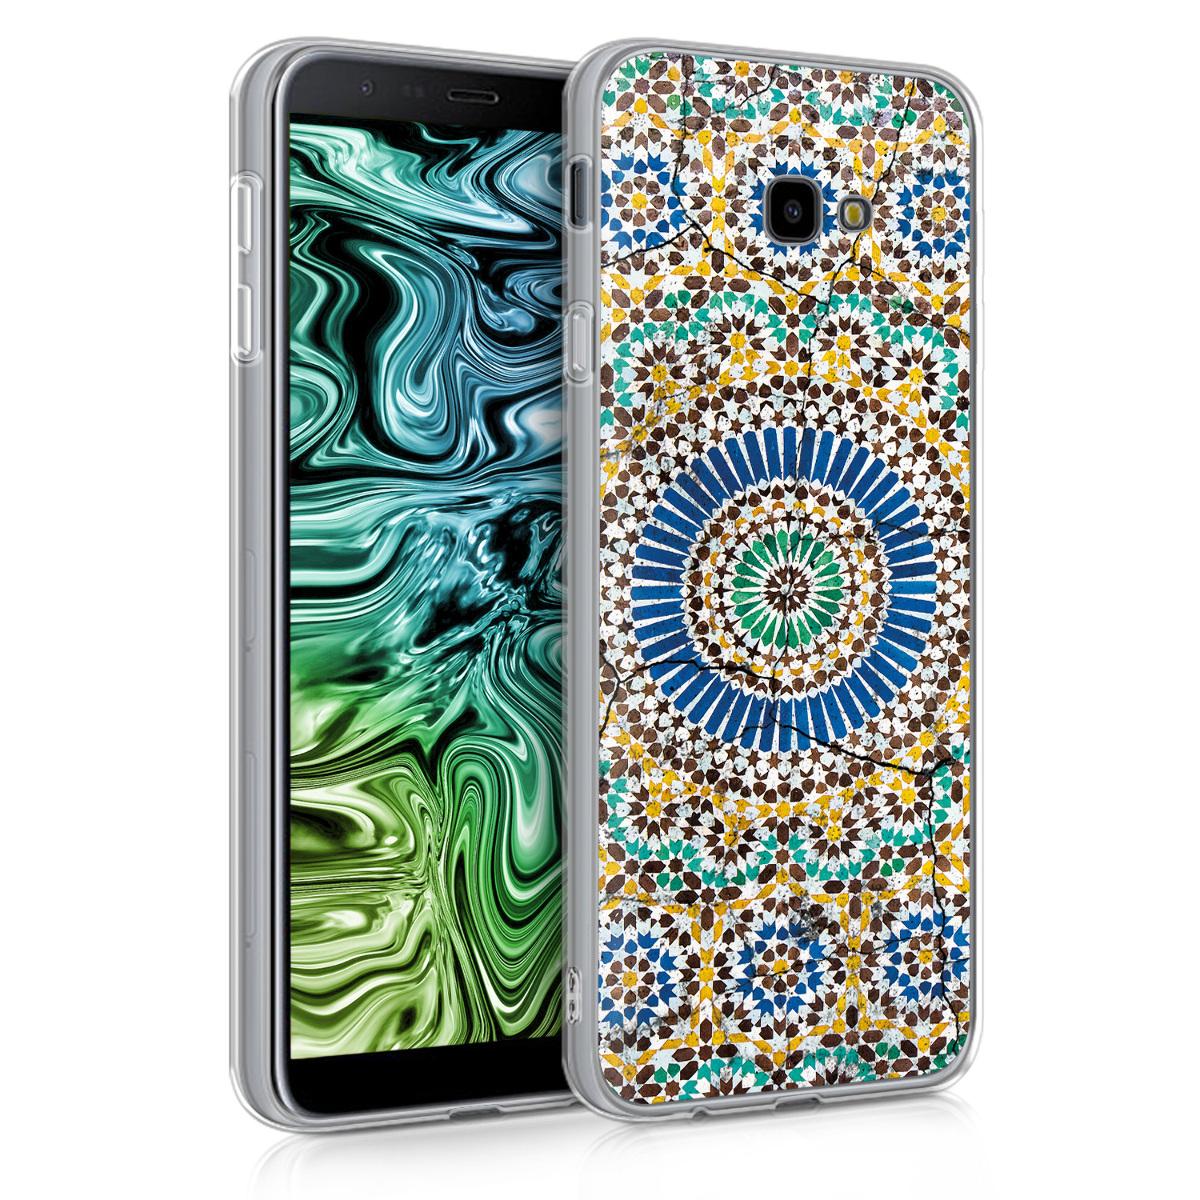 Kvalitní silikonové TPU pouzdro pro Samsung J4+ | J4 Plus DUOS - Marocký Vibes modré / oranžová / tyrkysová